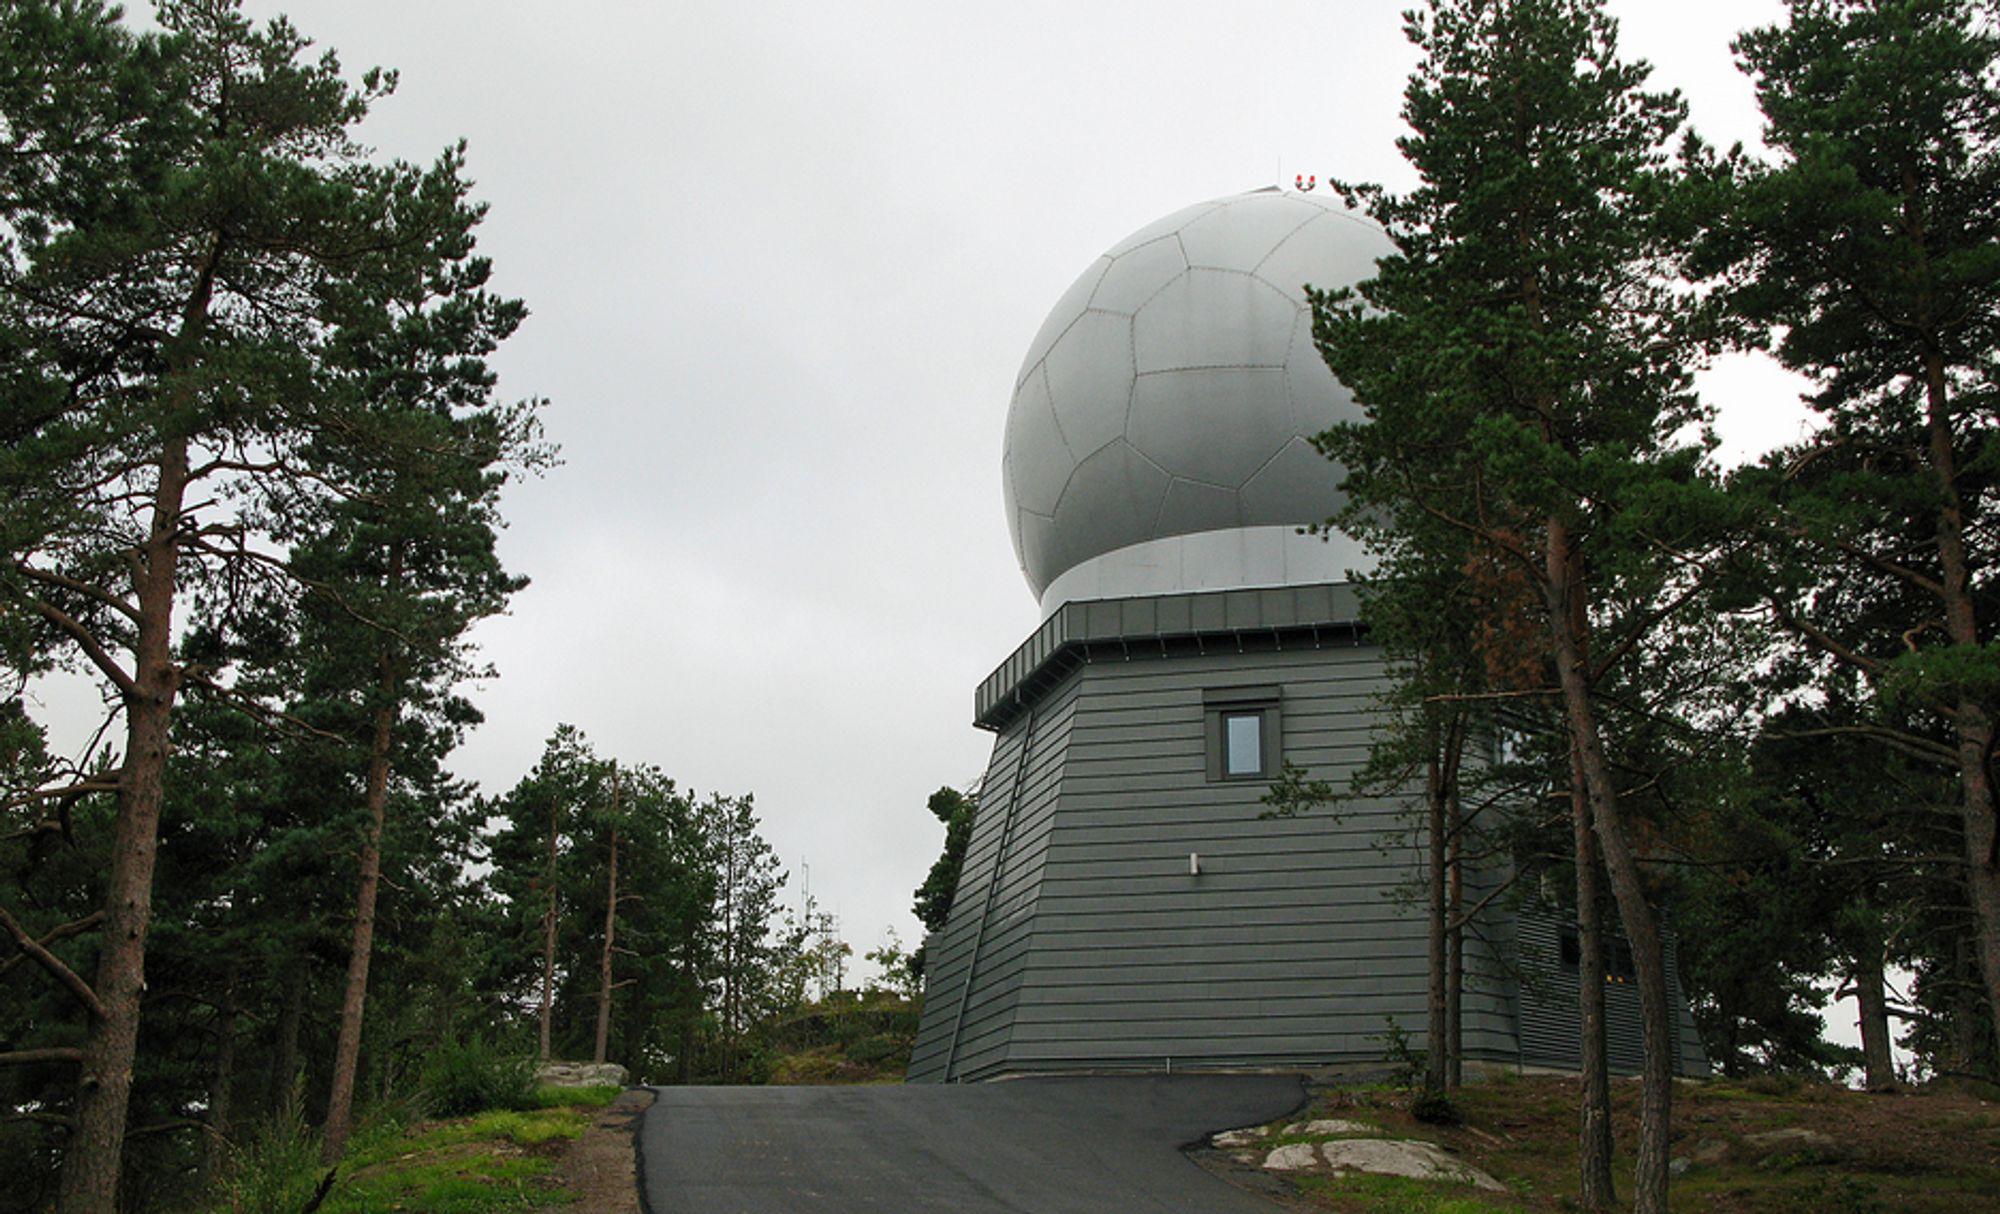 Fargen på både bygning og radom er valgt i samarbeid mellom Avinor og Stokke kommune for å sørge for at den vardelignende radaren i Kihlåsen stikker seg minst mulig ut.